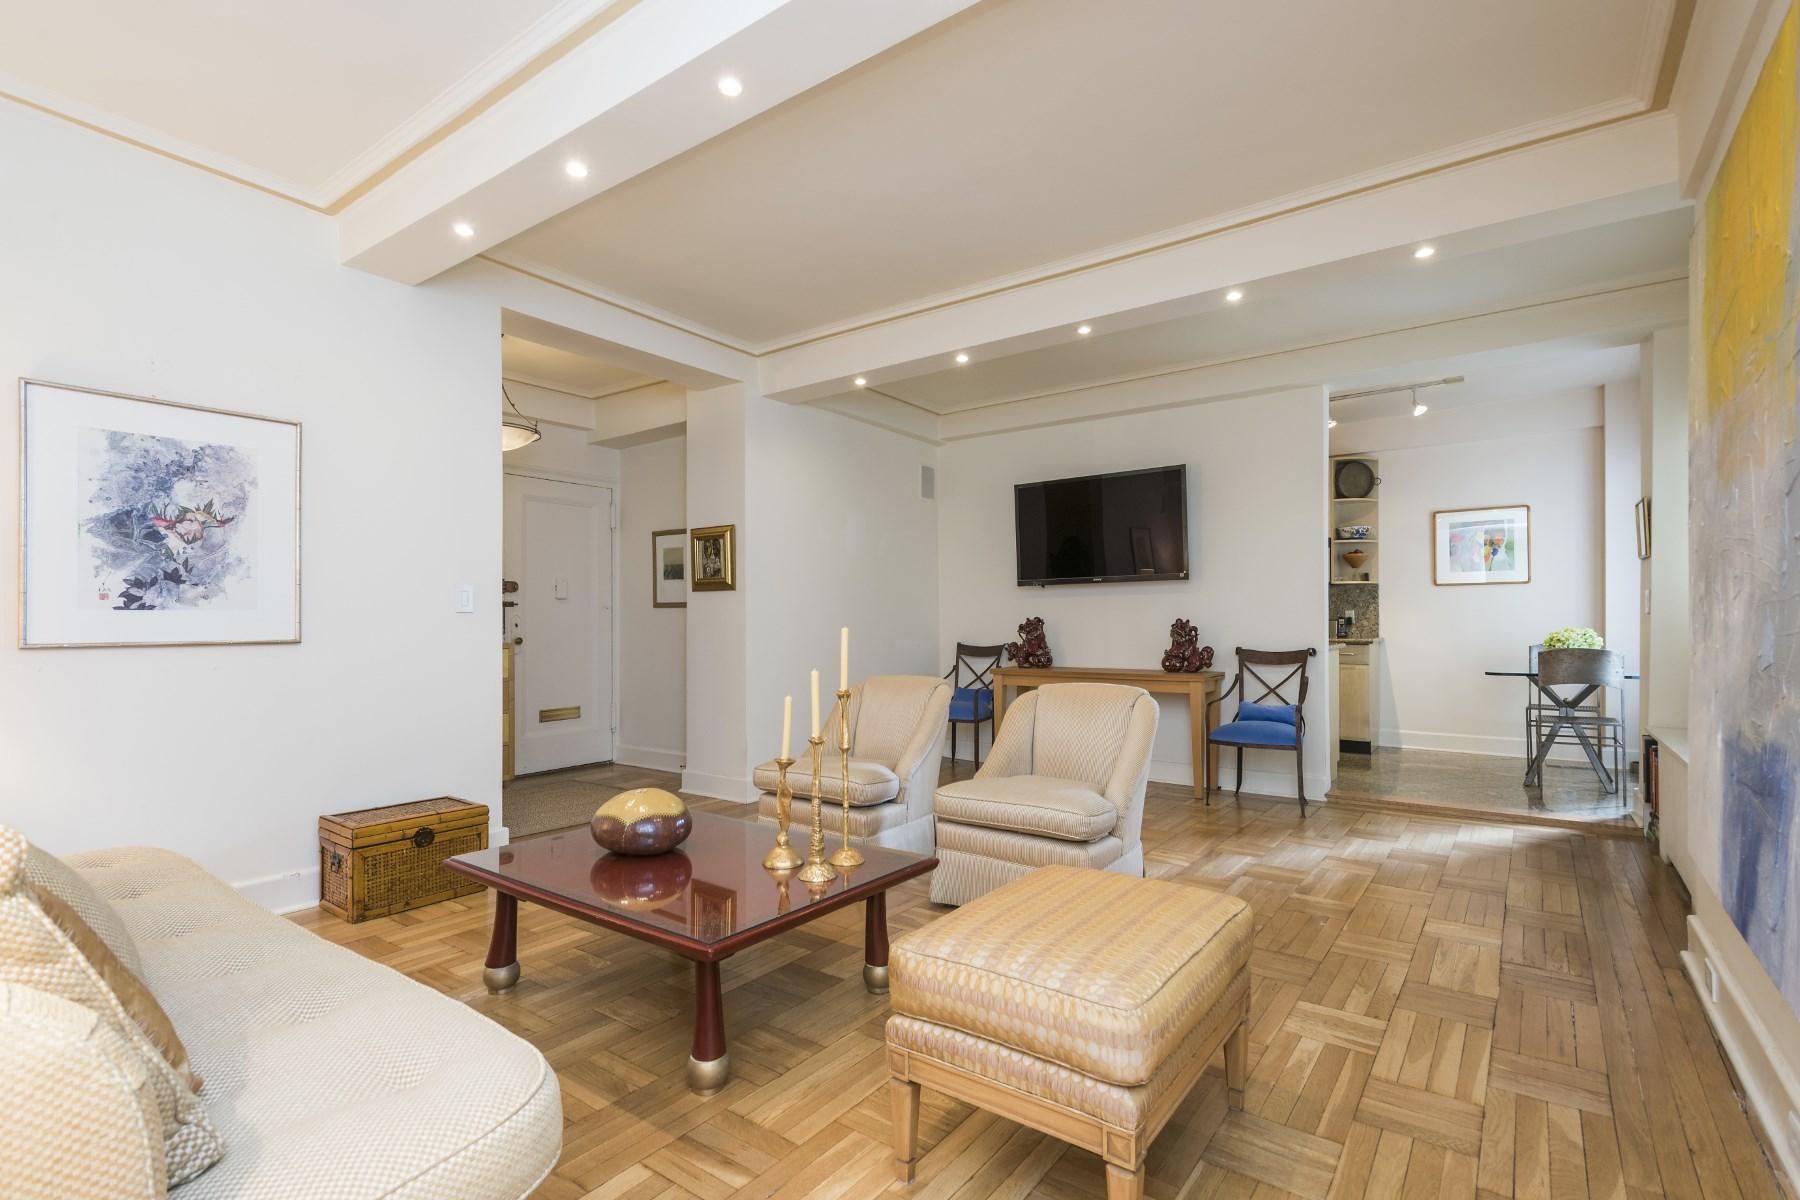 合作公寓 为 销售 在 Spacious Two Bedroom 170 Second Avenue Apt 8A East Village, 纽约, 纽约州, 10003 美国